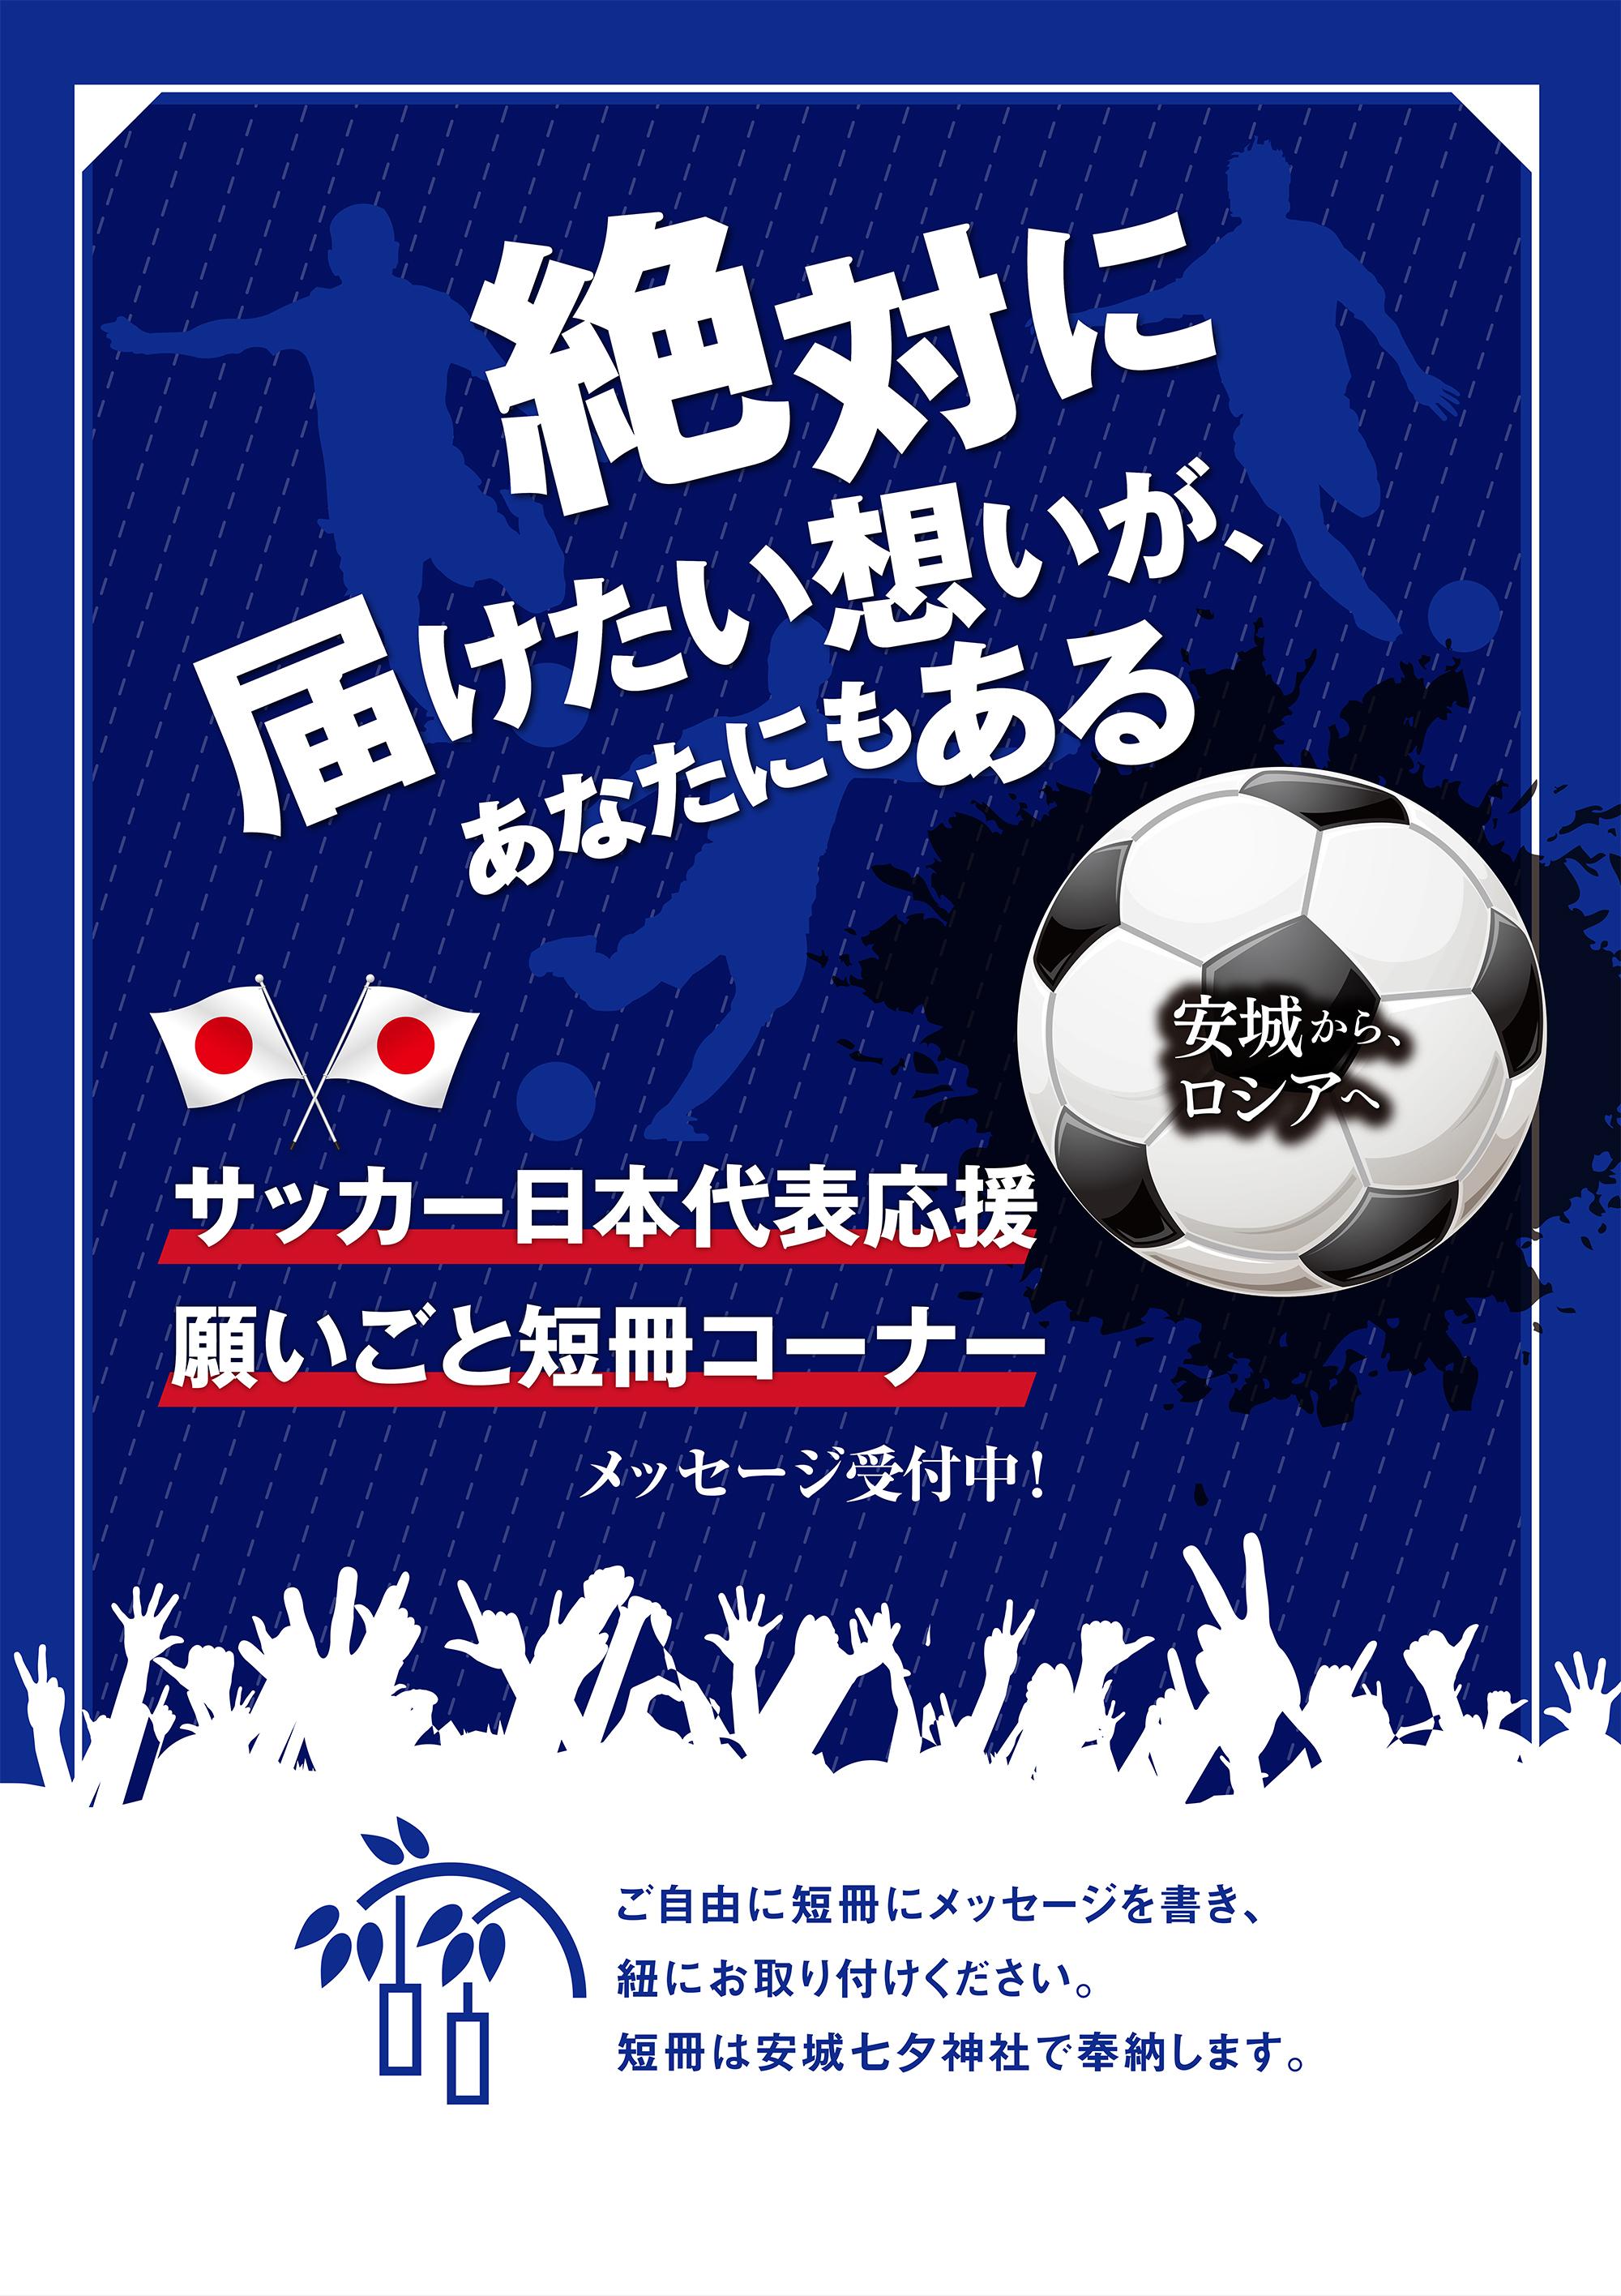 サッカー日本代表応援 願いごと短冊コーナー